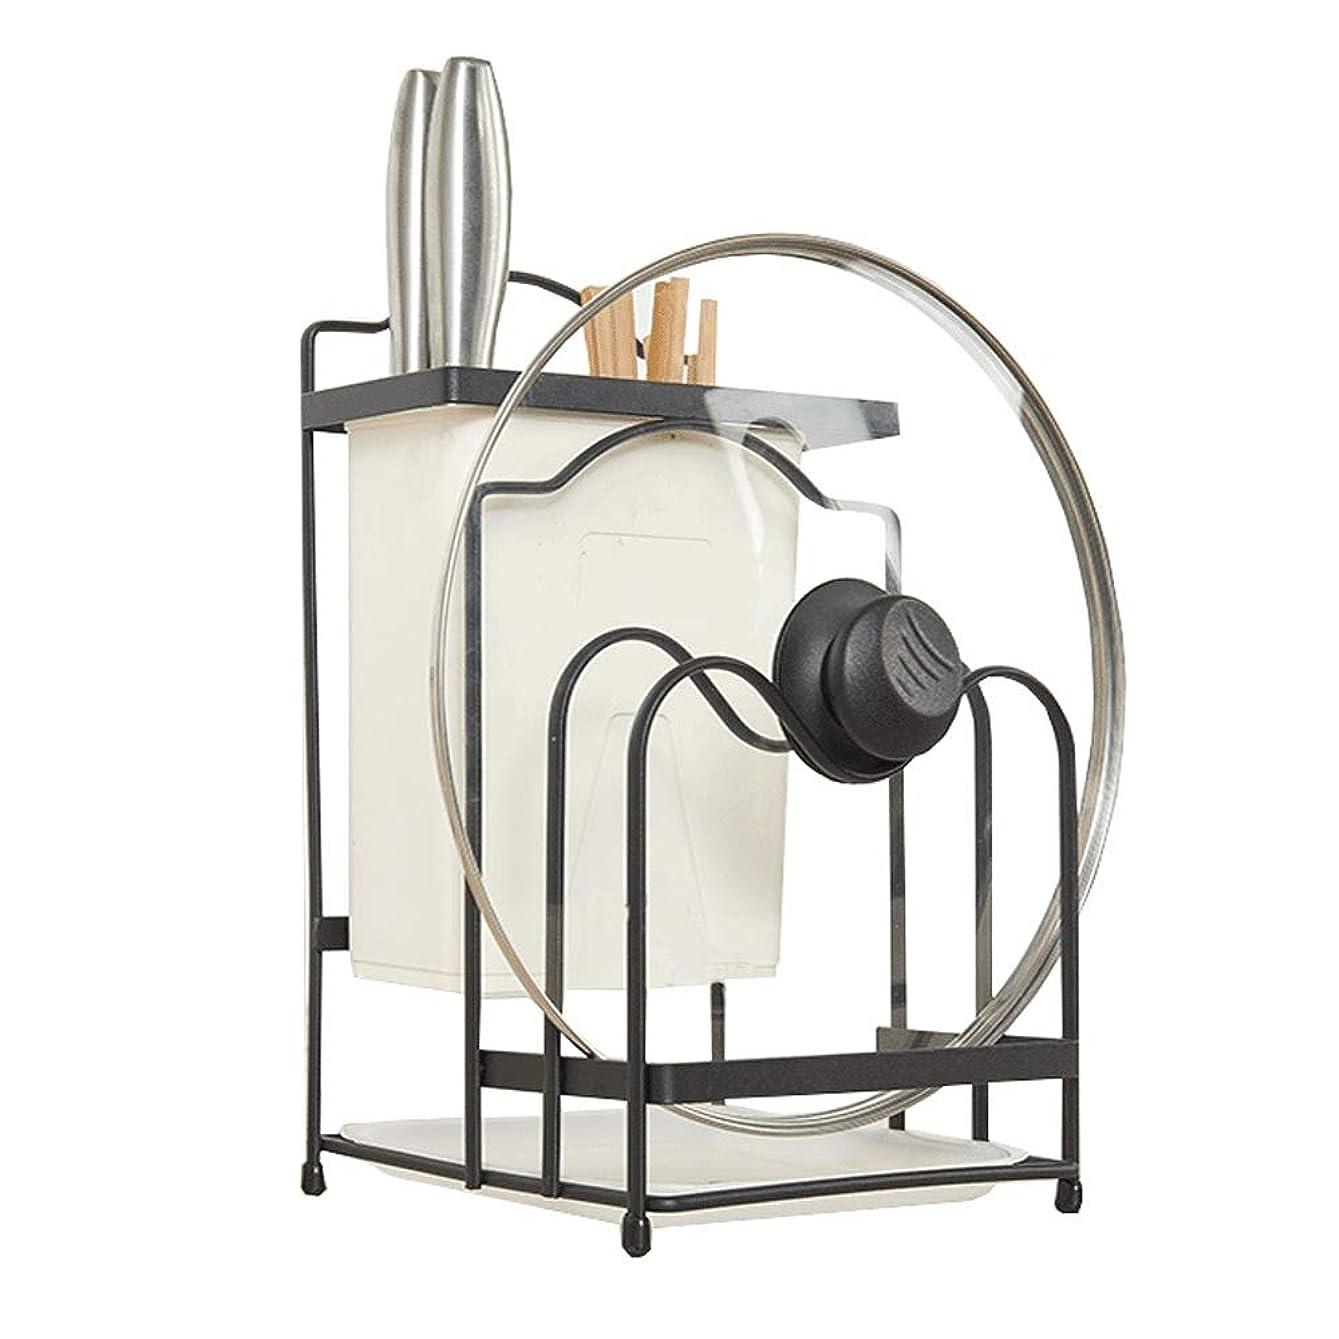 粘着性ベンチャー軽引き出し用 鍋ふたスタンド 多機能まな板ホルダーキッチンカウンターパンラックホルダーラック キッチン収納に最適 (Color : Black, Size : 18.5×22.5×32.5cm)